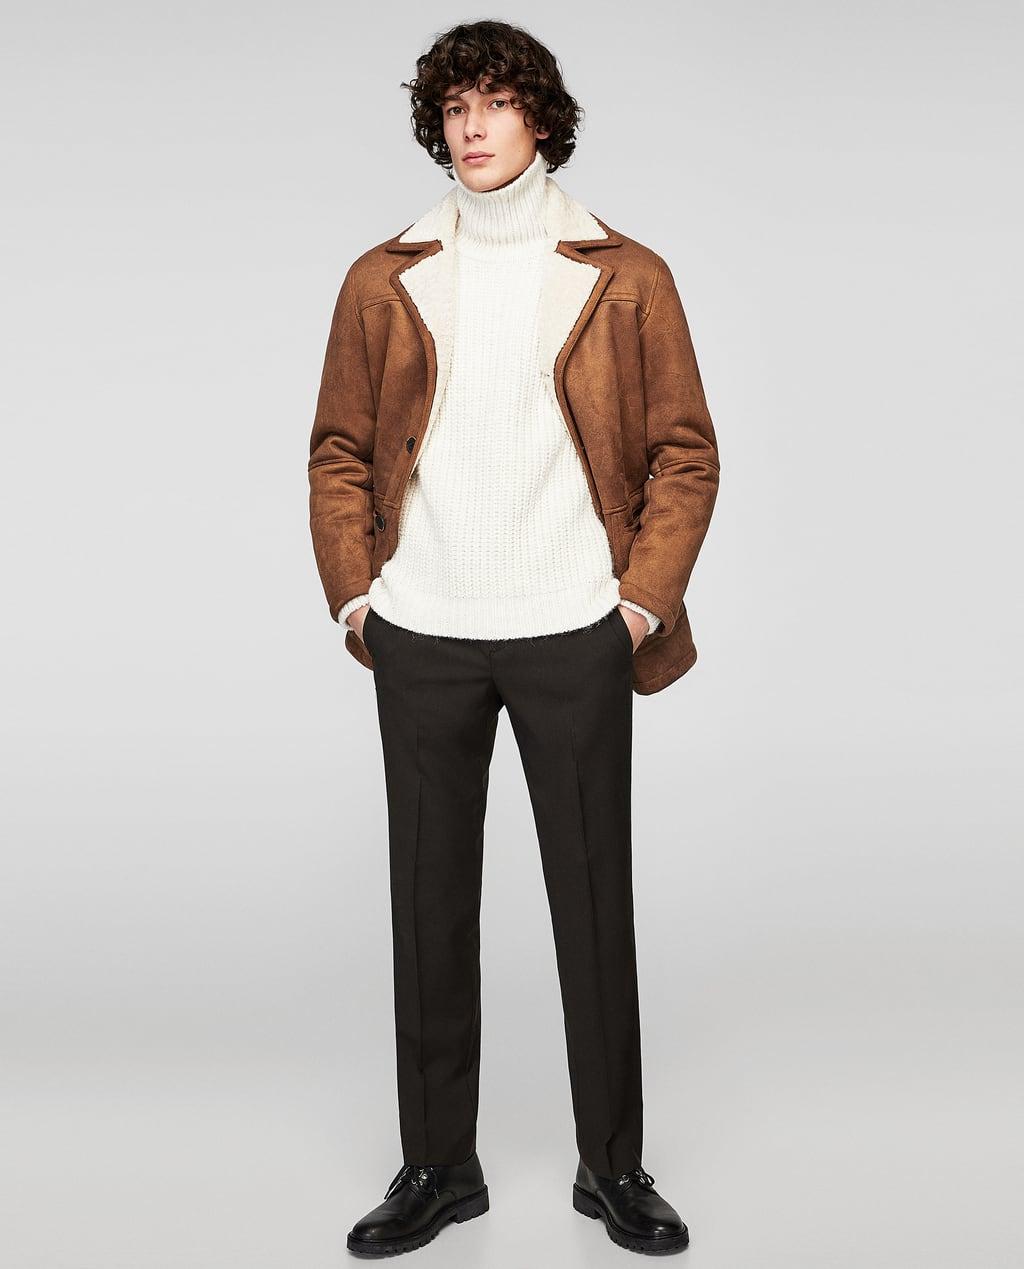 gamma molto ambita di colore veloce fashion style Wxz7xvqa Zara Velluto Giacca Uomo Pyxwqx ZuTlwPOkXi